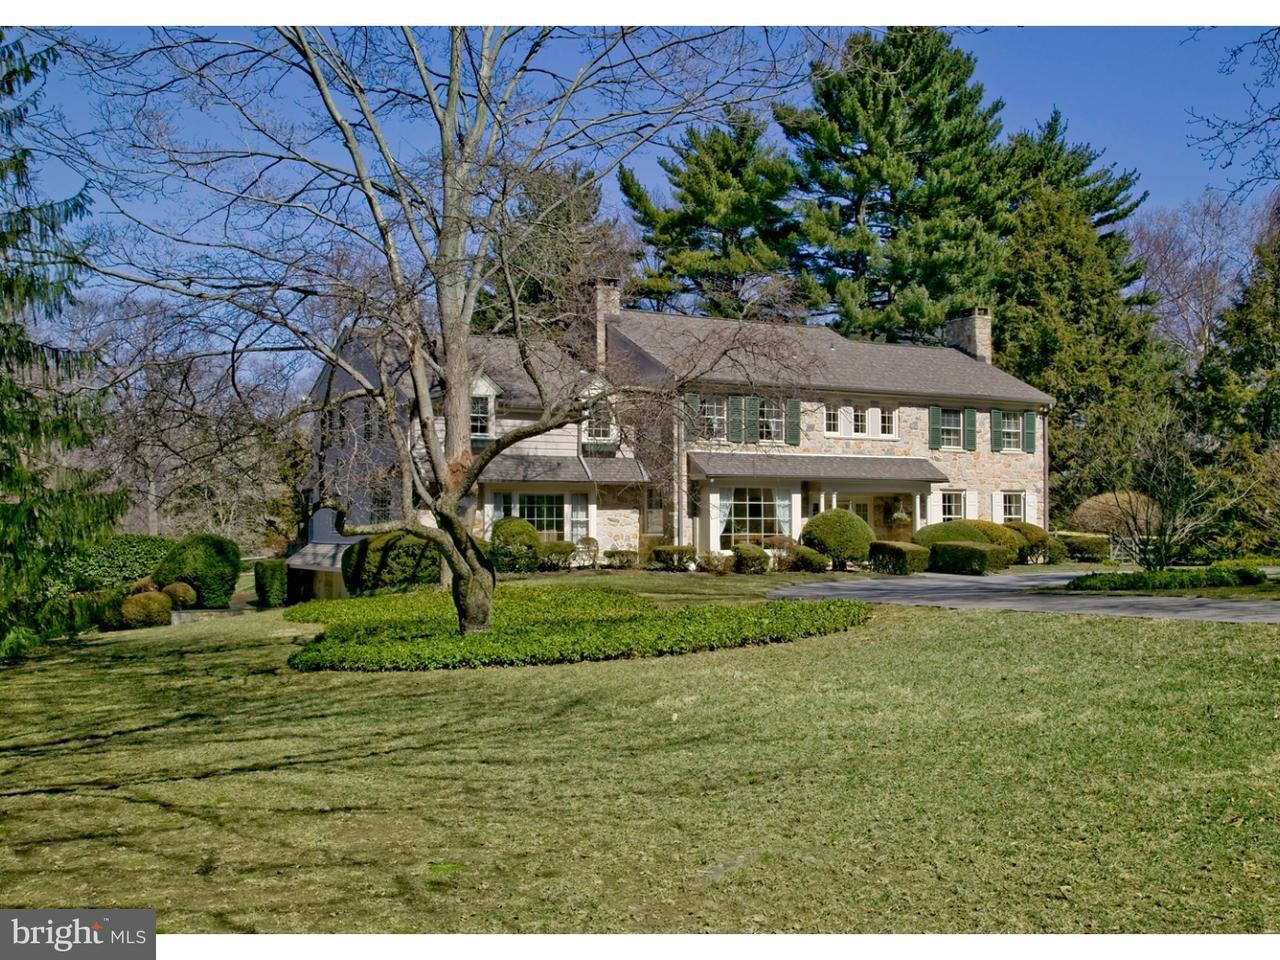 Частный односемейный дом для того Продажа на 400 GARDEN Lane Bryn Mawr, Пенсильвания 19010 Соединенные Штаты